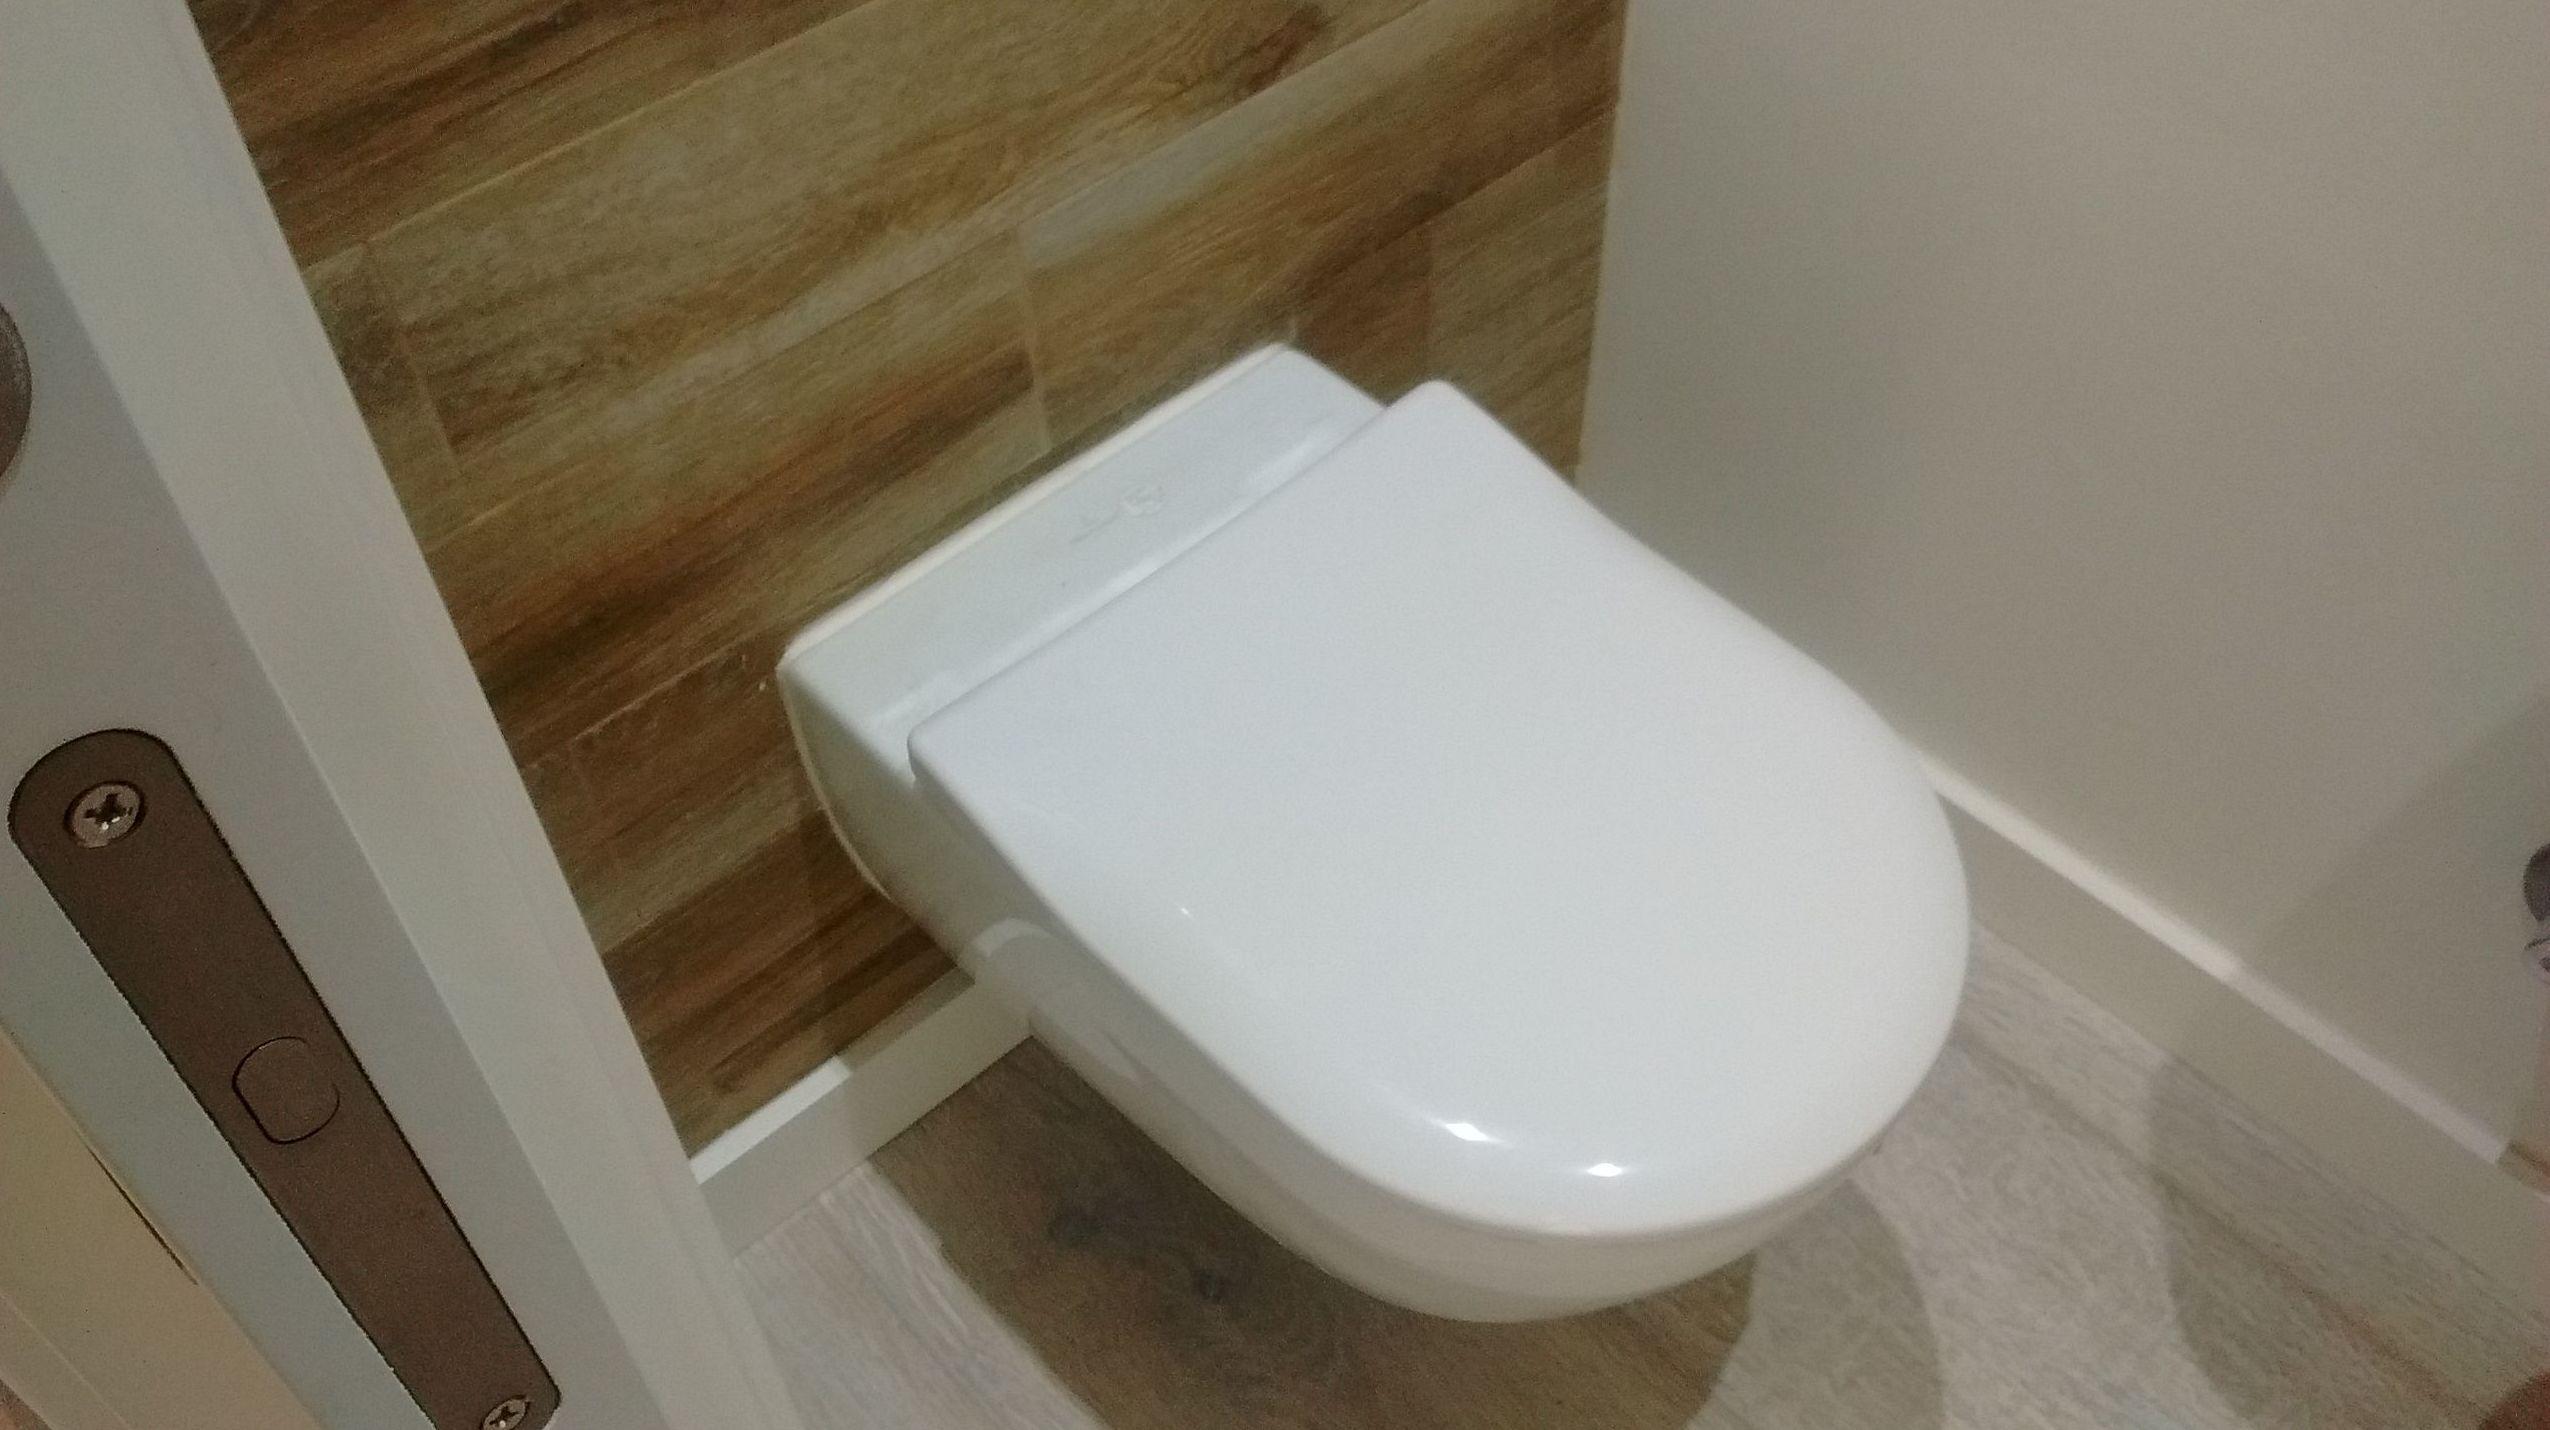 Aseo alicatado con porcelánico imitación madera y suelo de tarima flotante de parquet de roble blanco. Marbella